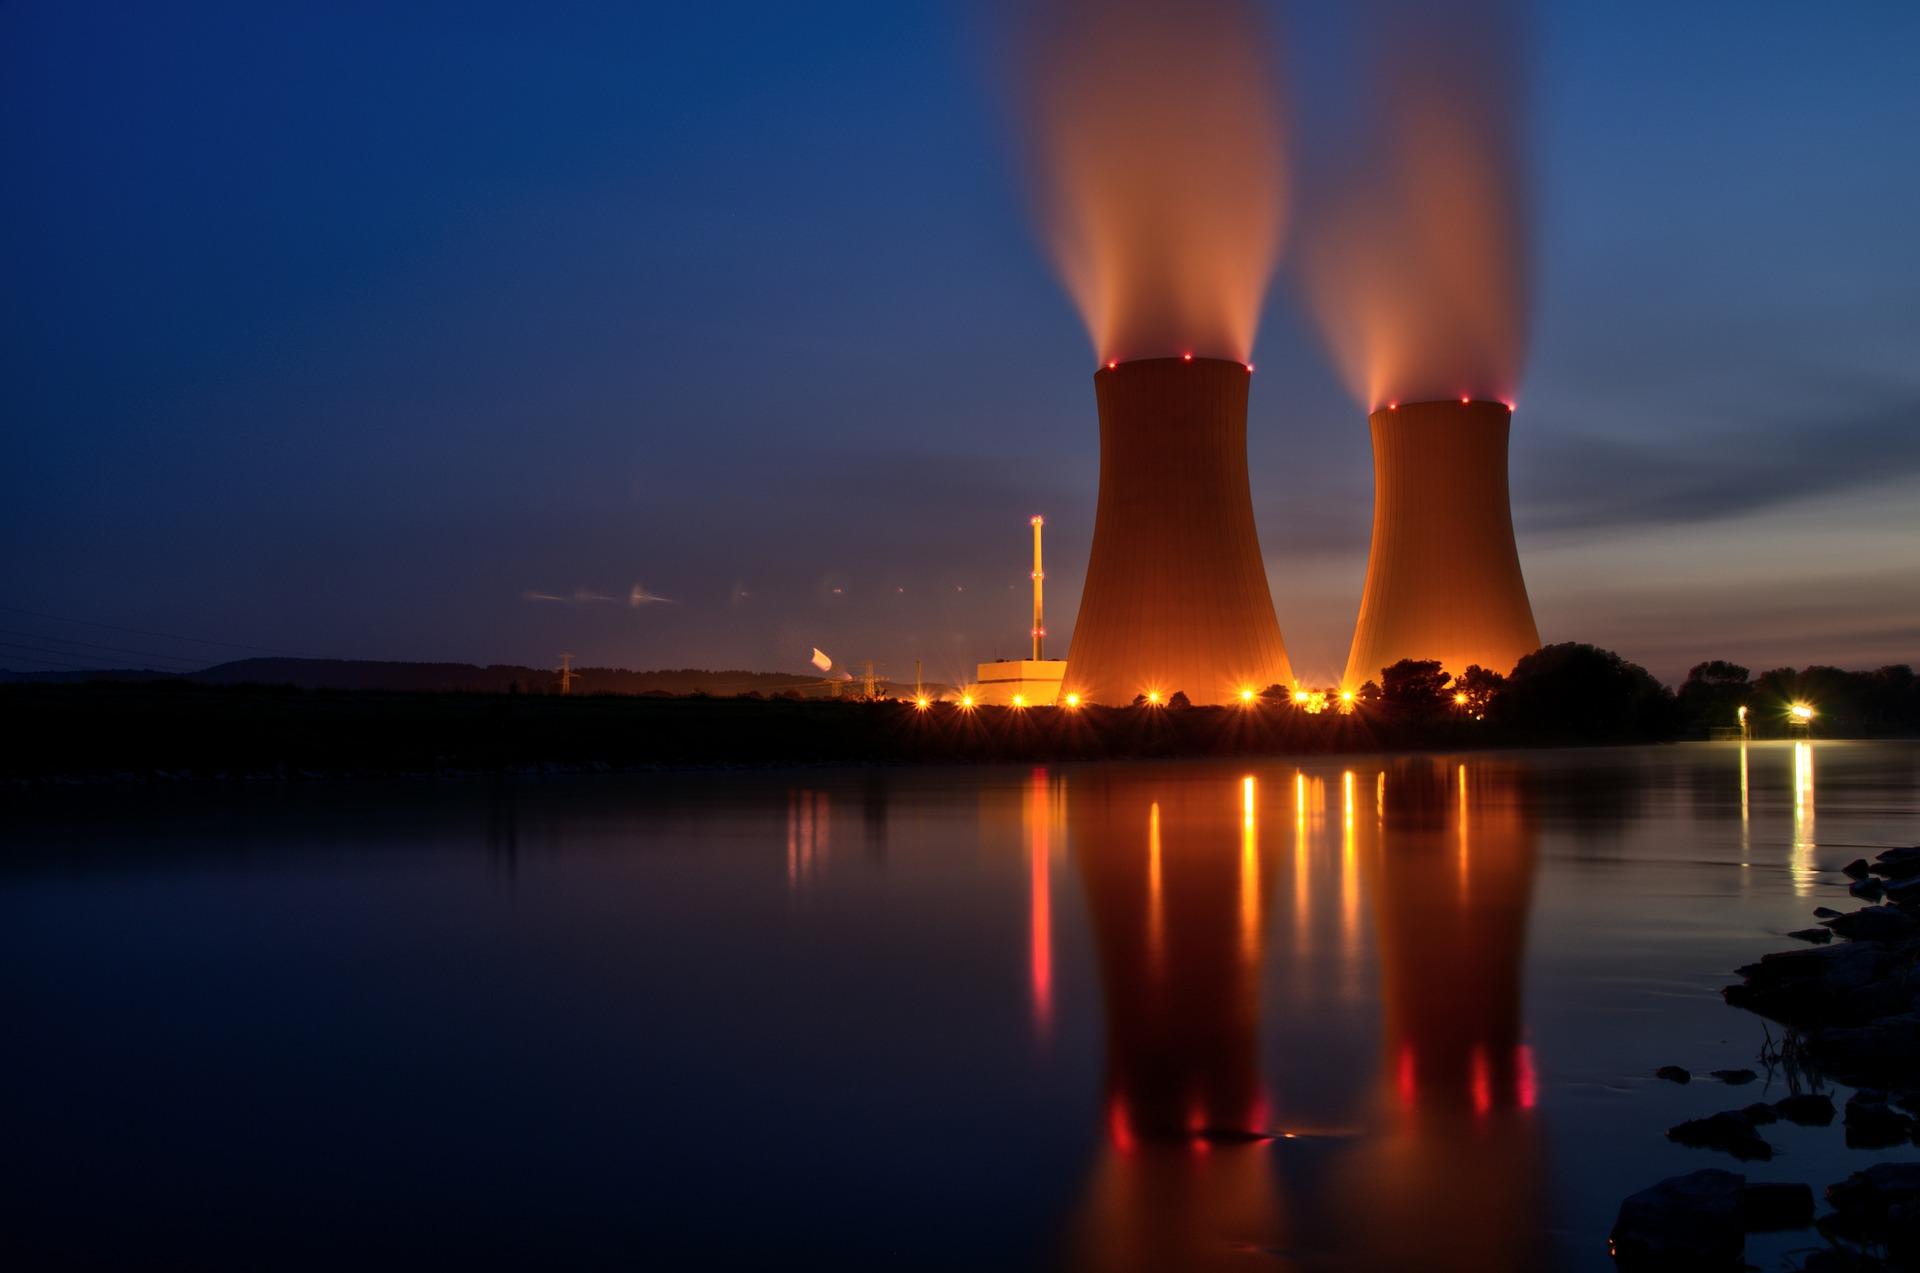 kernkraftwerk-instandhaltung-genus